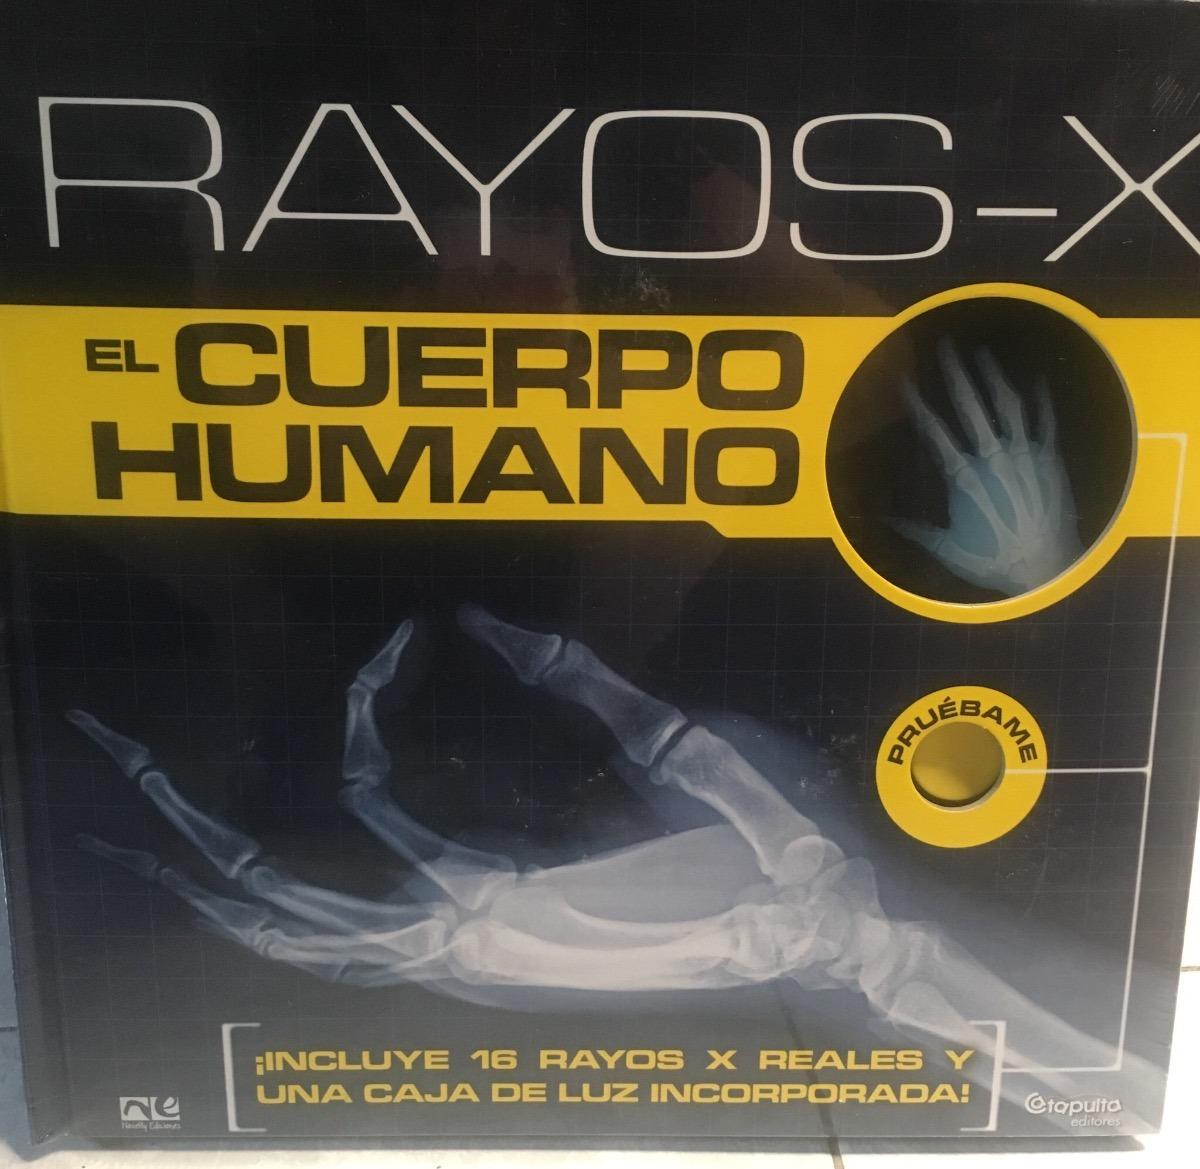 Rayos X Cuerpo Humano - 16 Placas Reales Y Caja De Luz - $ 990.00 en ...